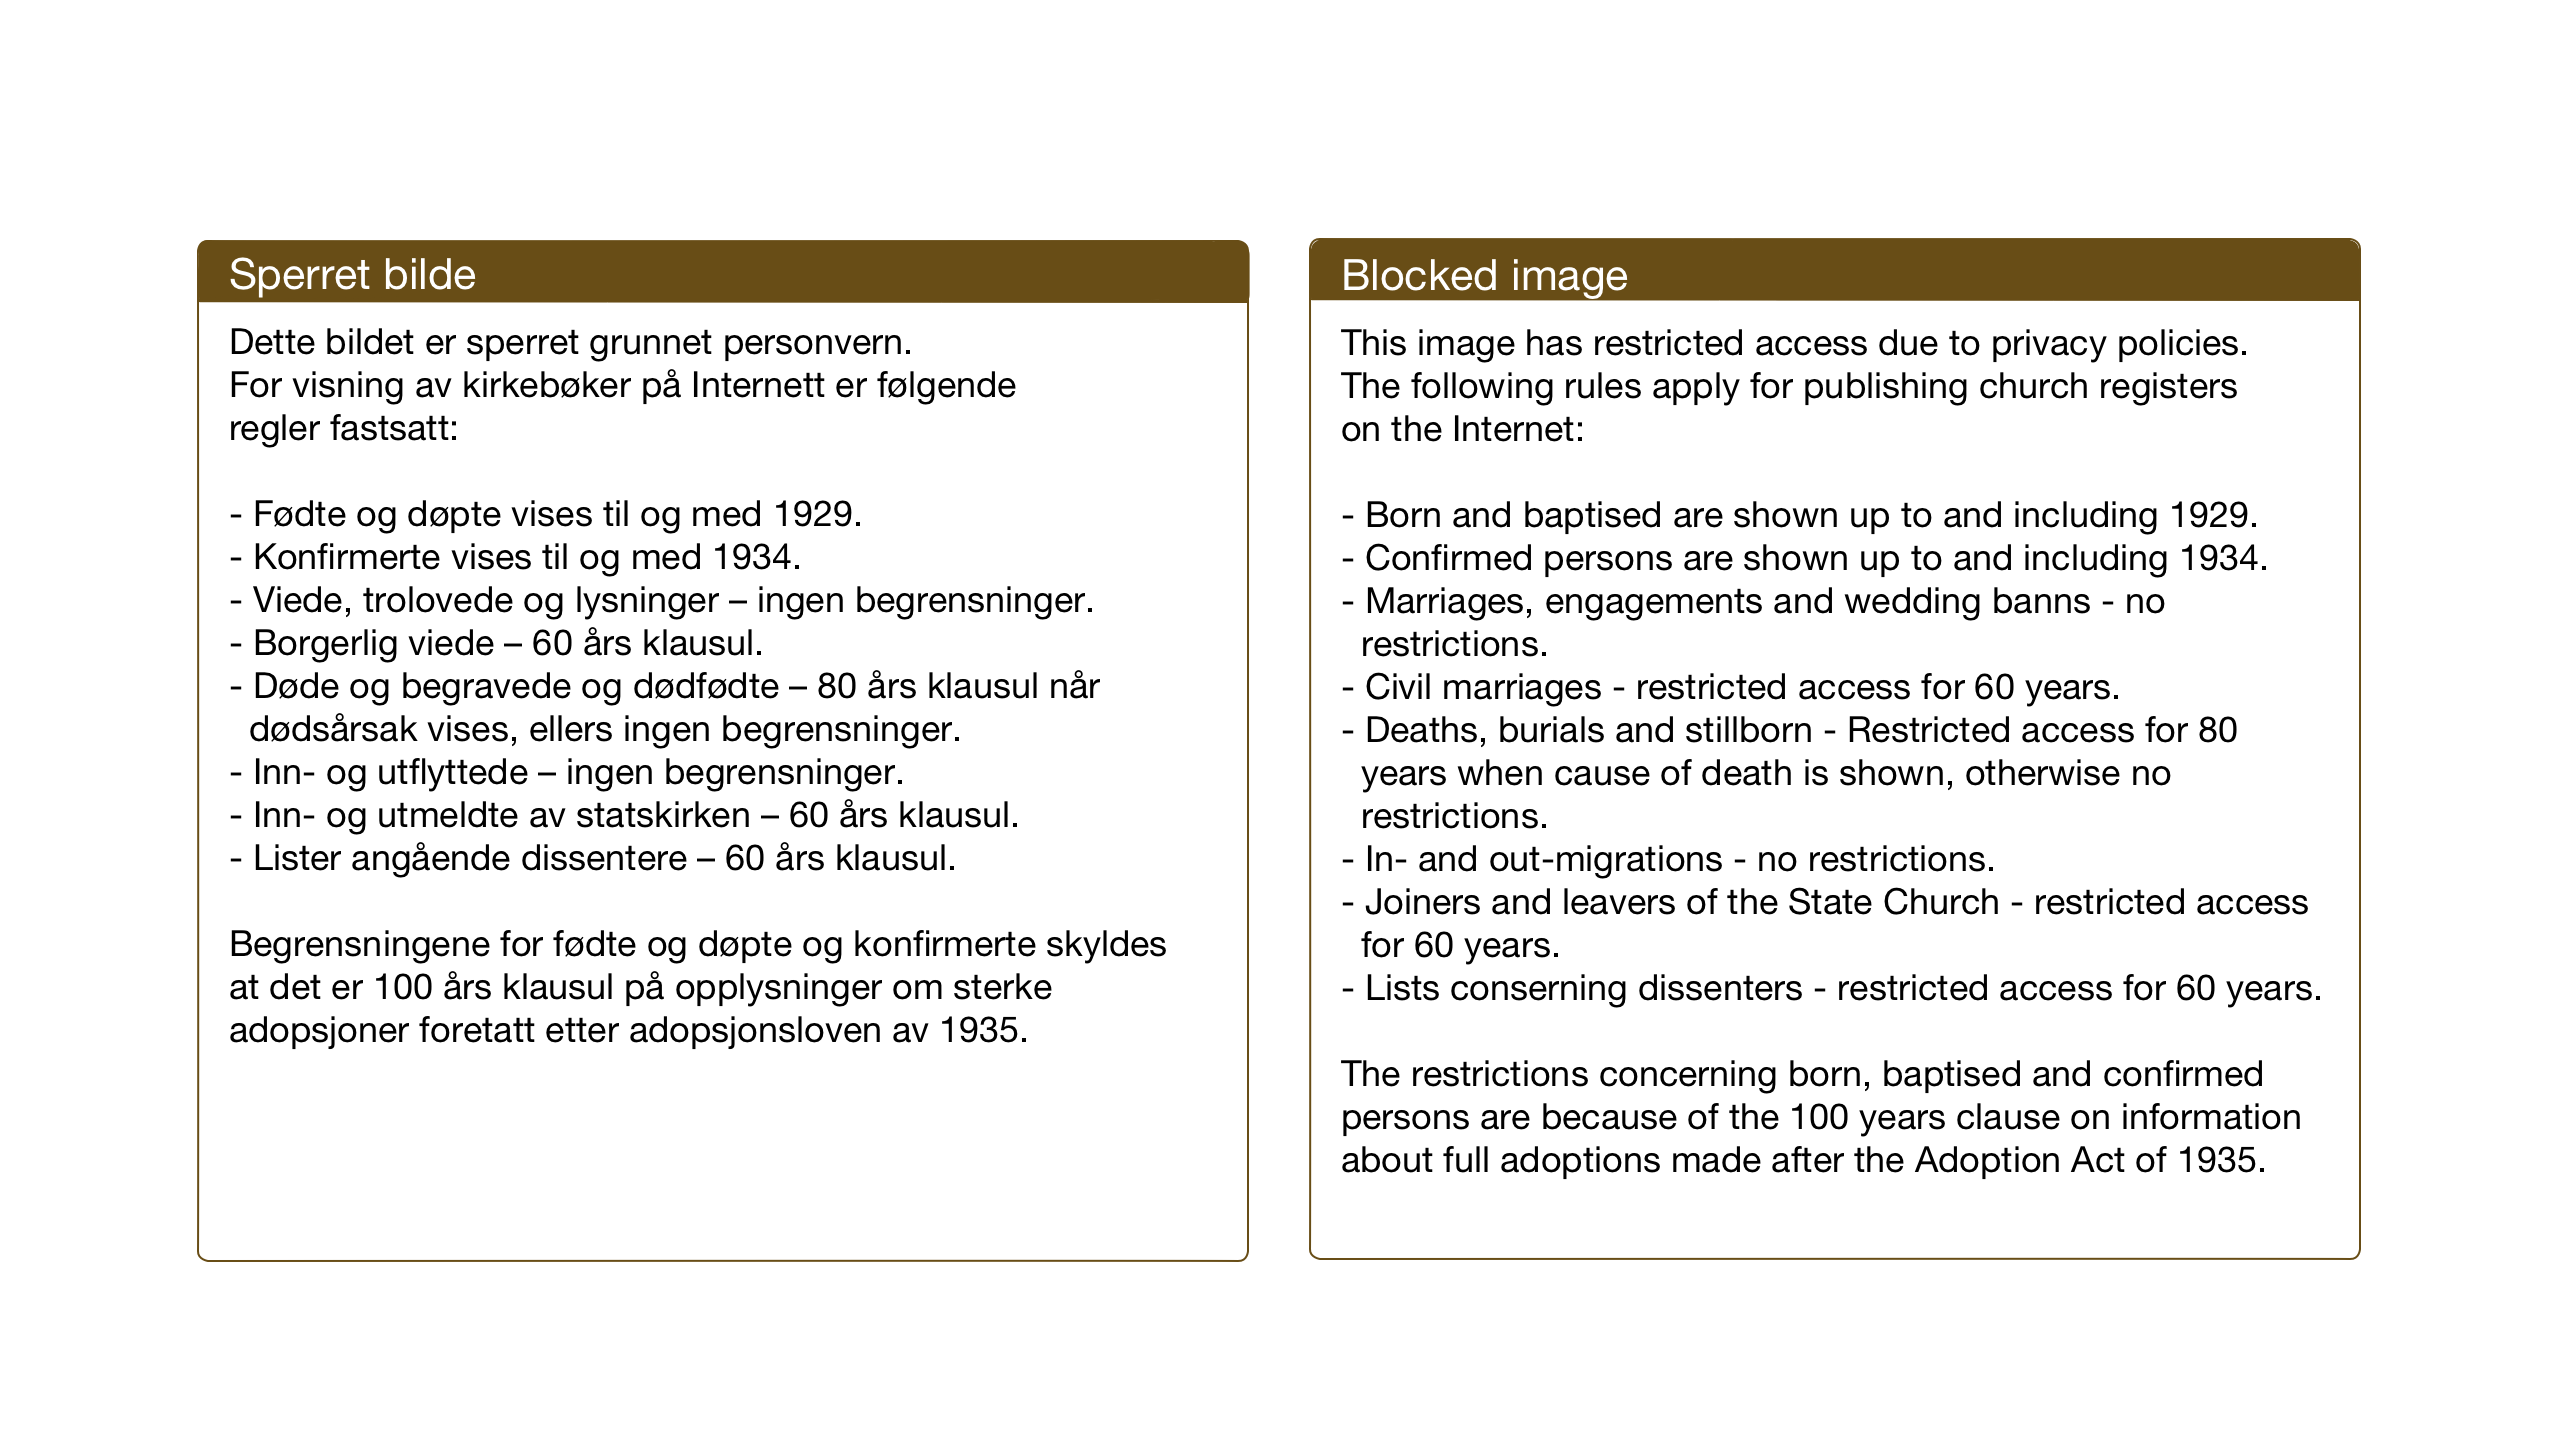 SAT, Ministerialprotokoller, klokkerbøker og fødselsregistre - Sør-Trøndelag, 630/L0508: Klokkerbok nr. 630C06, 1933-1950, s. 152